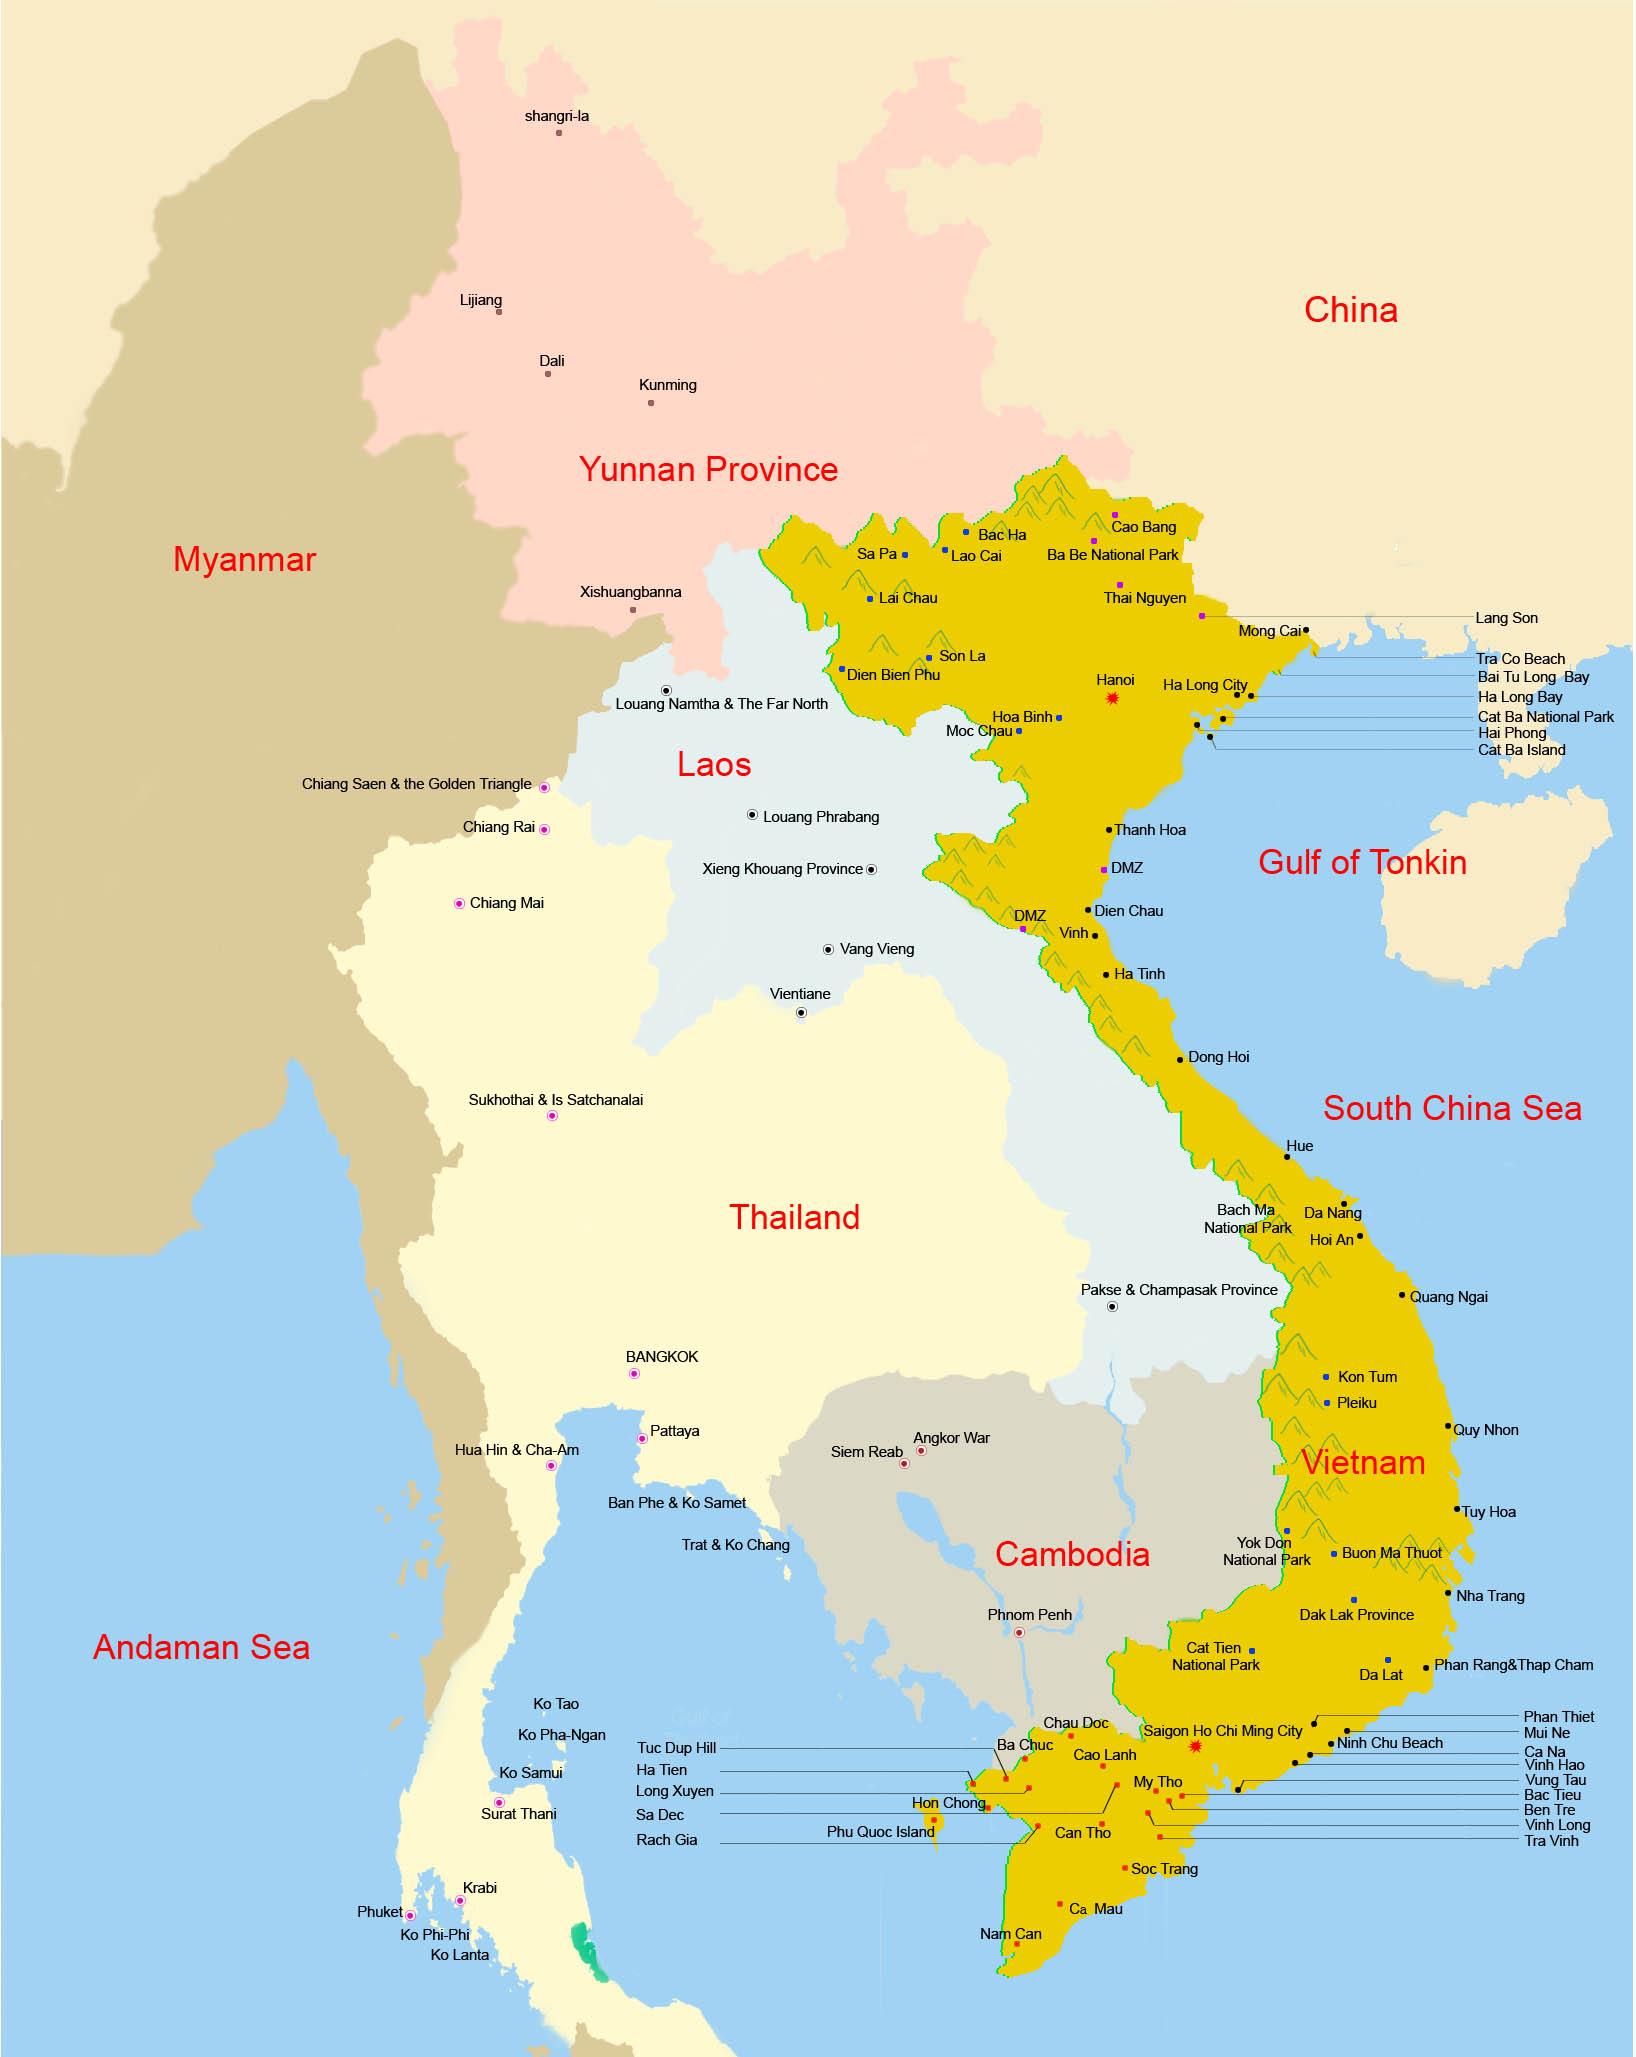 mekong basin-destination-map